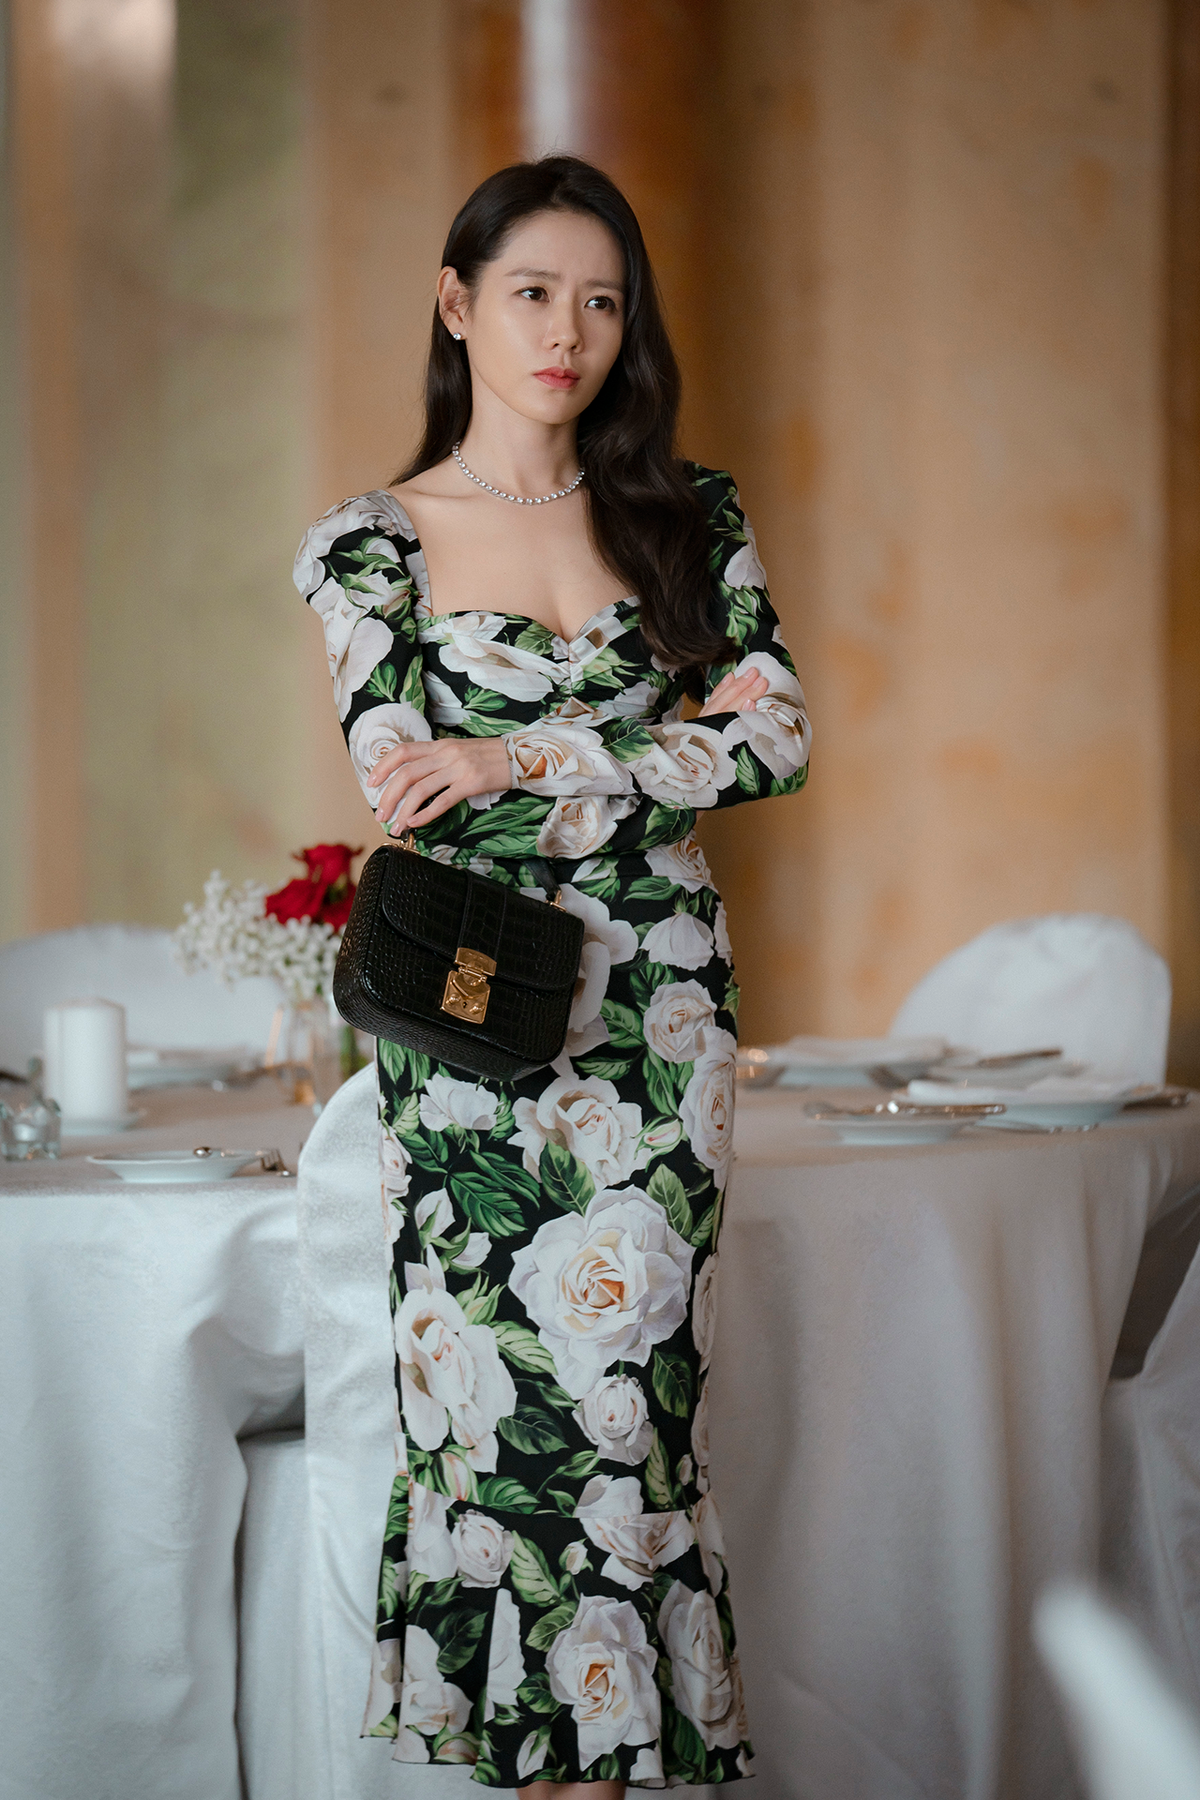 孫藝真今年以夯劇《愛的迫降》翻紅,擠下全球女星在「Starmometer」最美女星票選拿下冠軍。(Netflix提供)